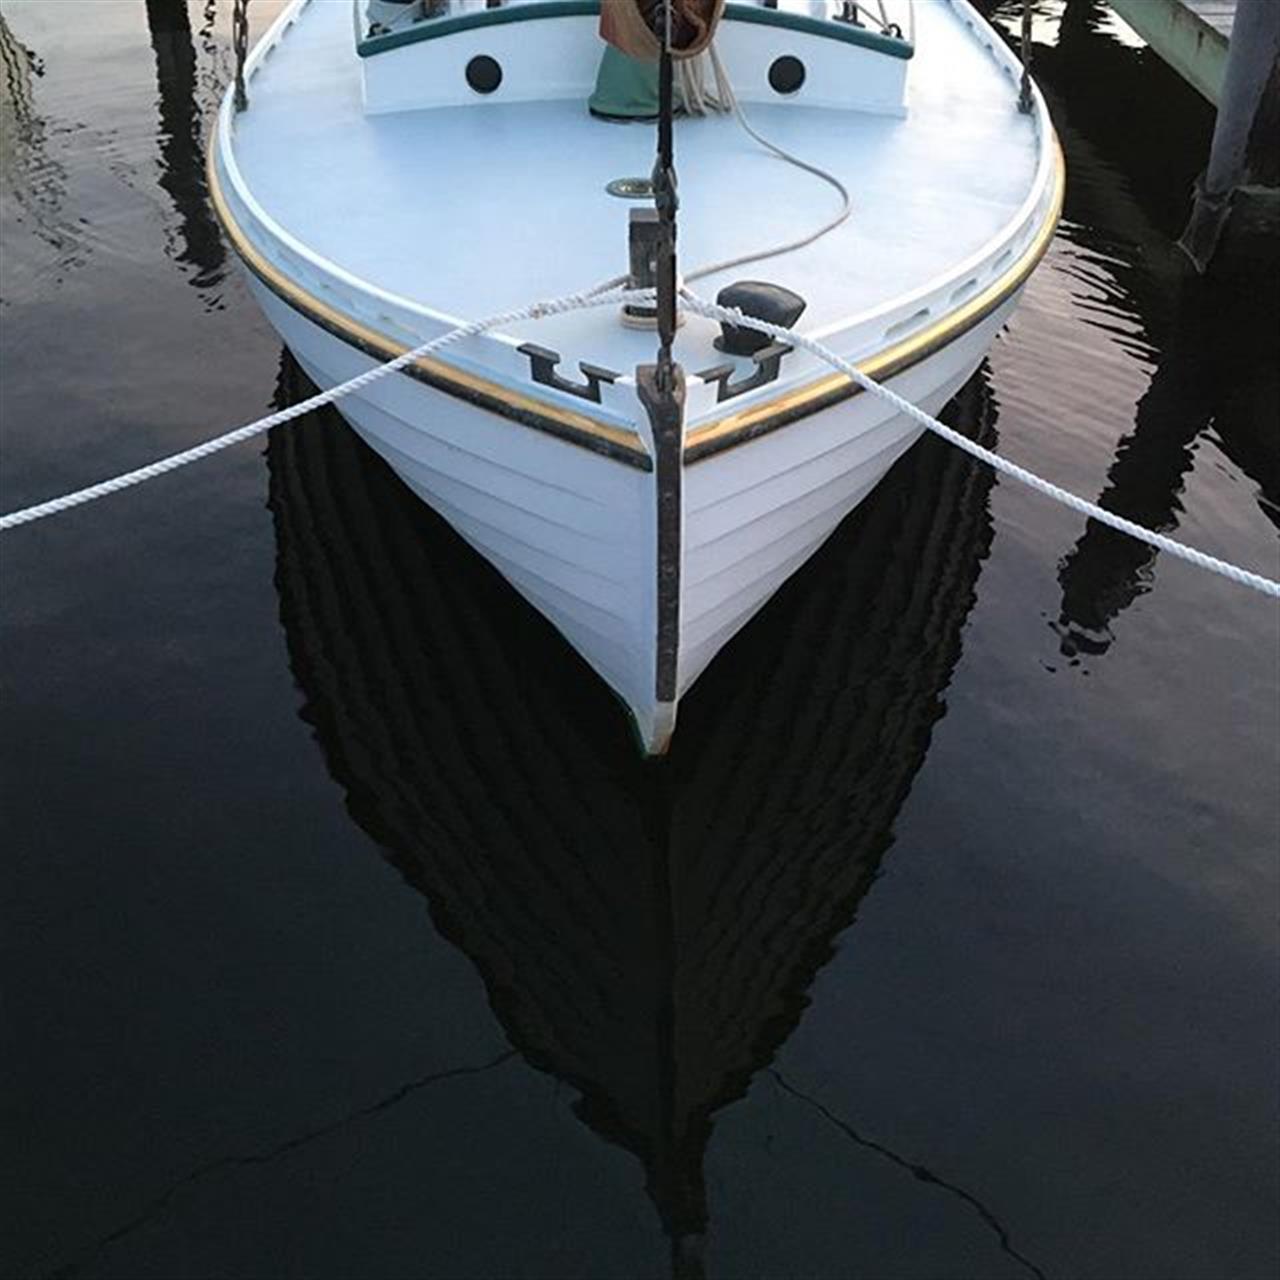 Early morning at the boat yard... #boats #nj #sailing #goodmorning #jshn